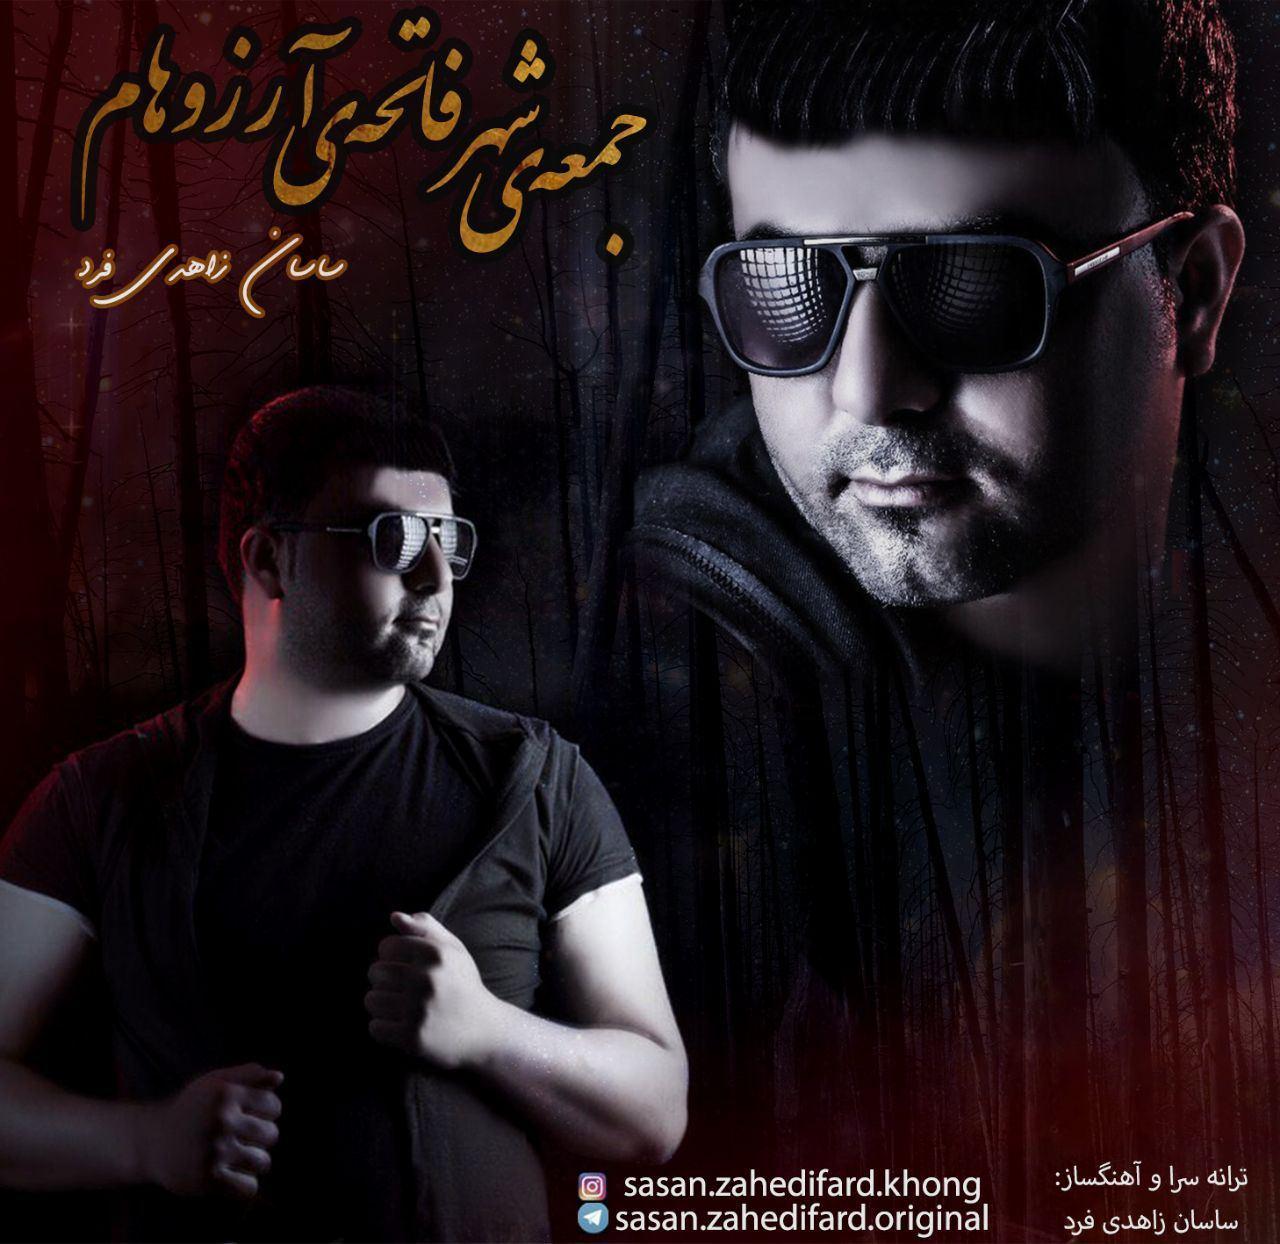 Sasan Zahedi Fard – Jomeye Shahre Fateheye Arezoham